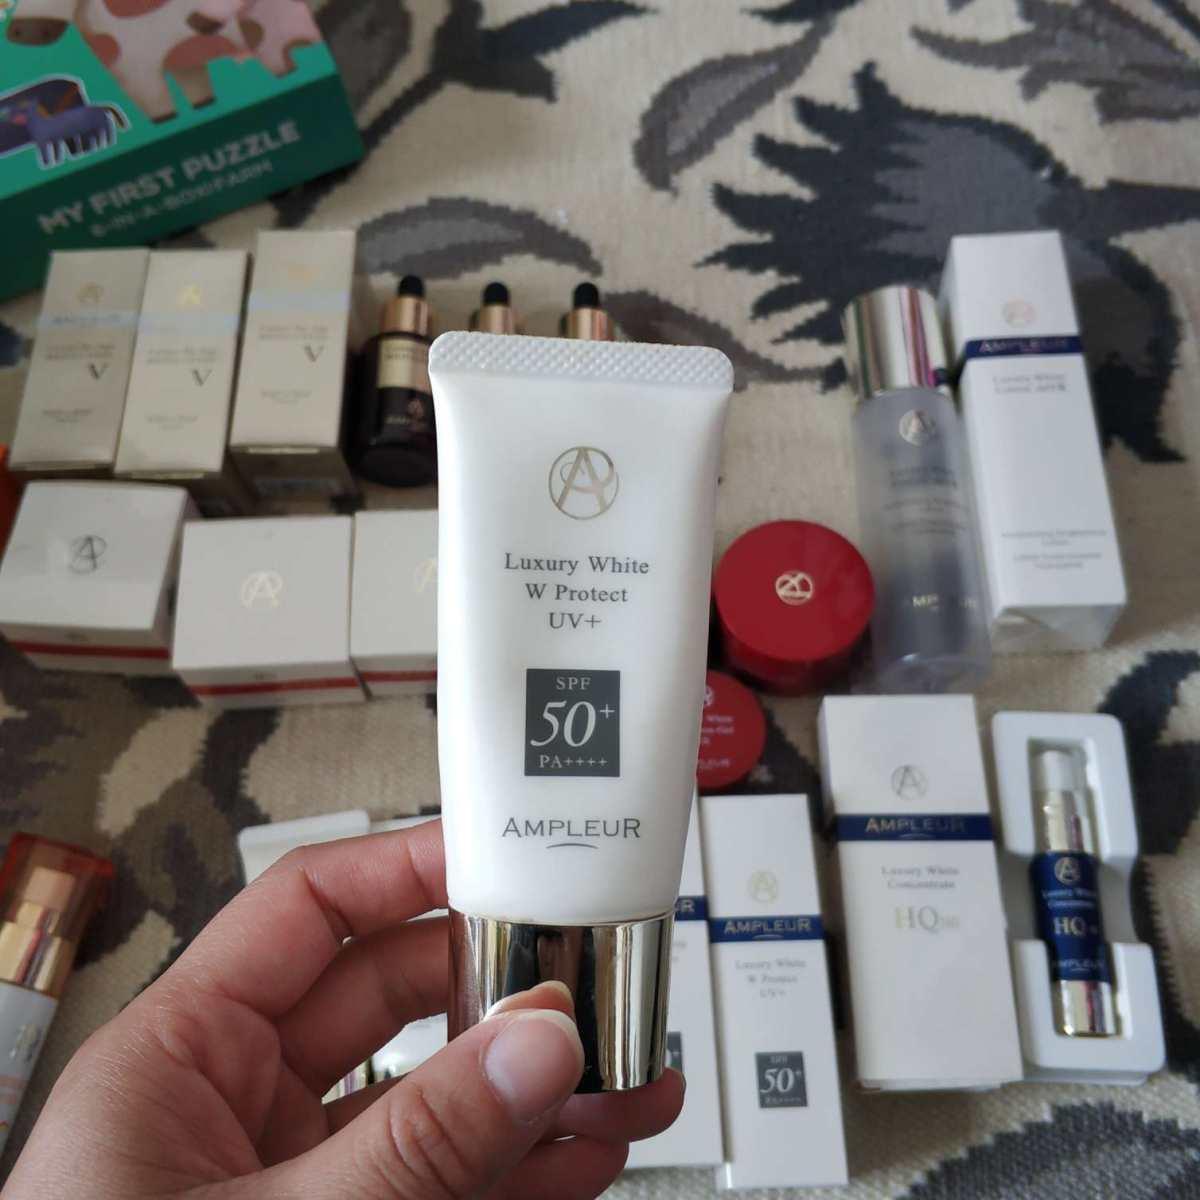 #我家梳妆台#护肤品以前一直用其他品牌,直到去年才换成了这个